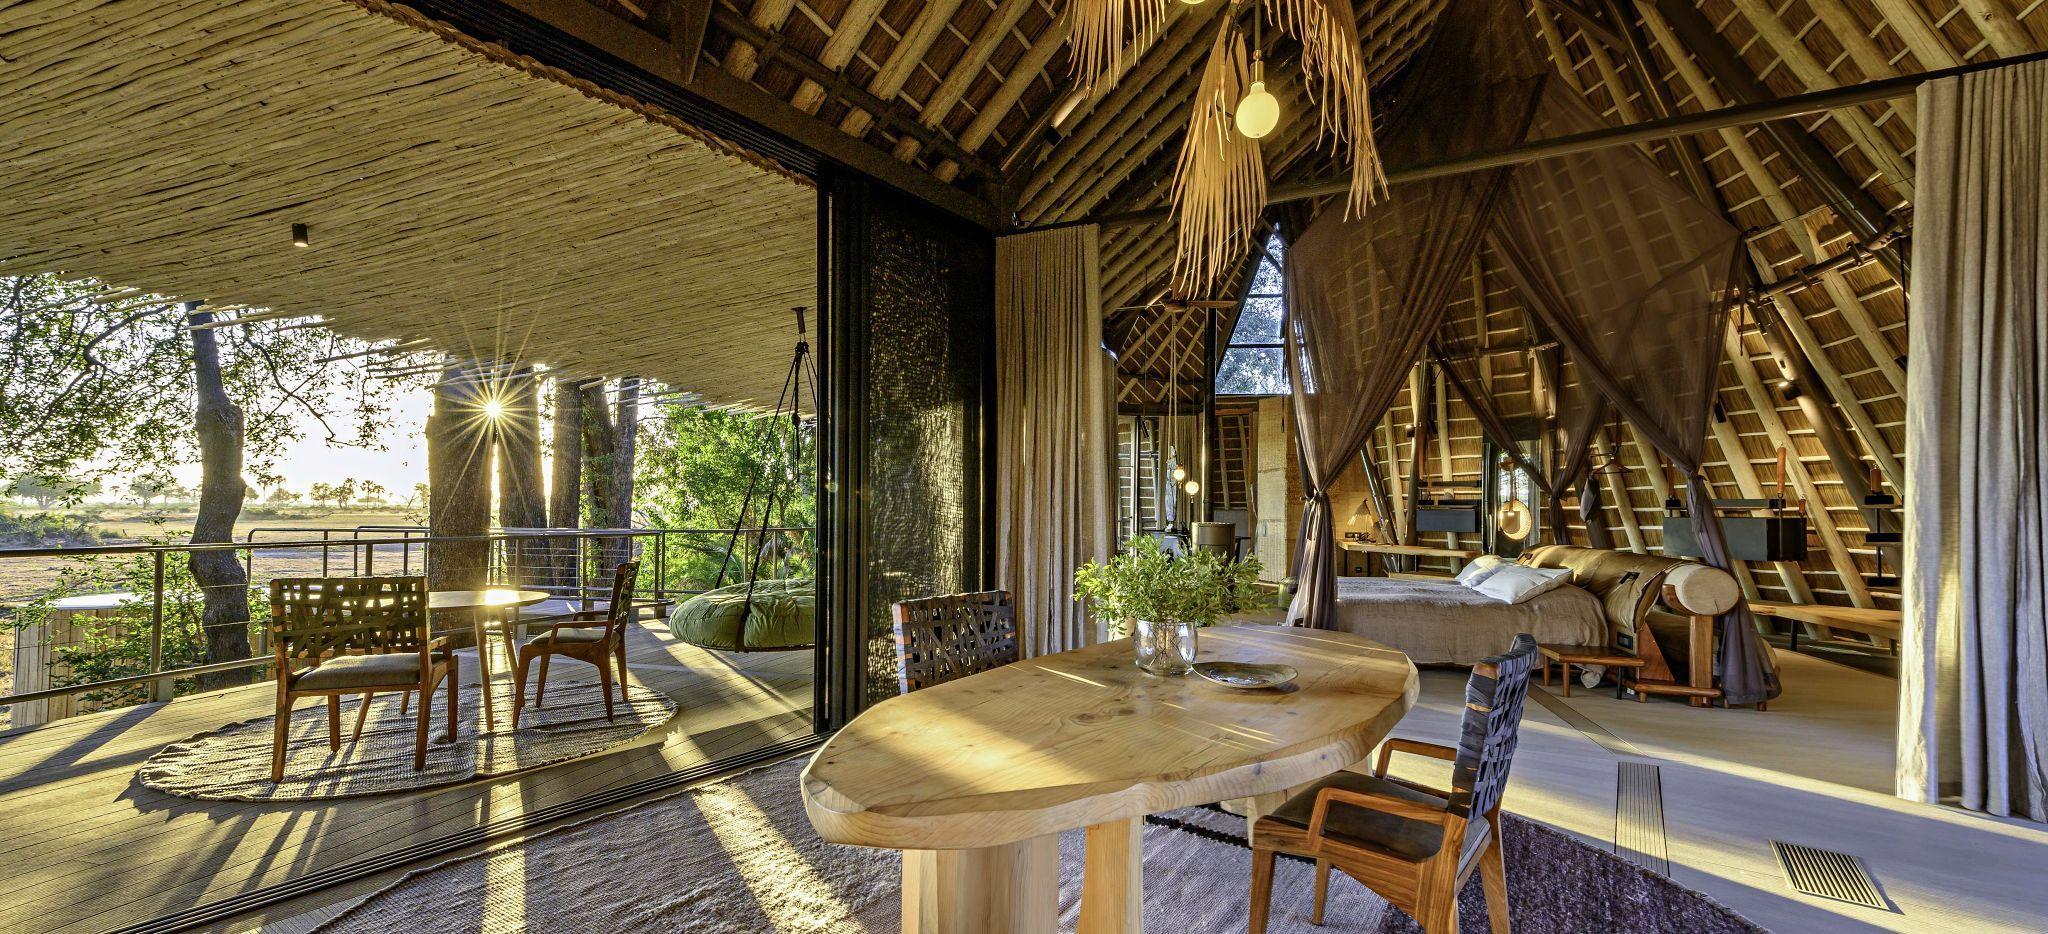 Ein Hotelzimmer im Jao Camp, Botsuana